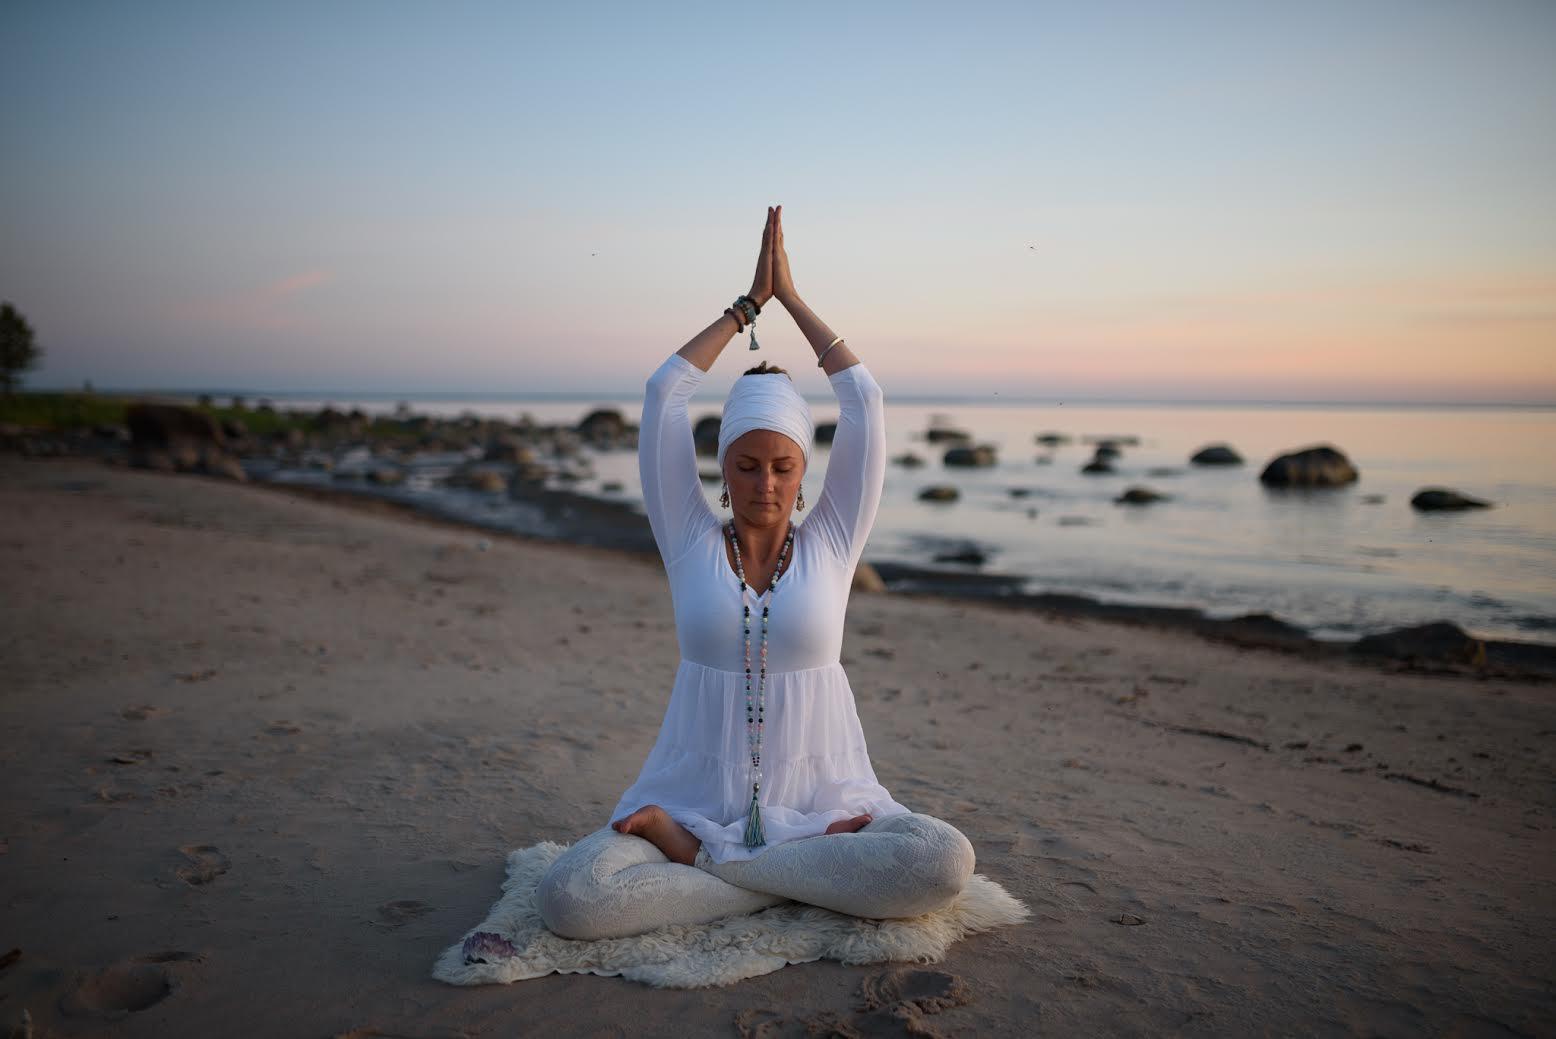 Dharamsaali Kundalini joogaõpetaja Merilin Tamme: see imeliselt kompaktne joogatehnika lennutab otseteed südamesse